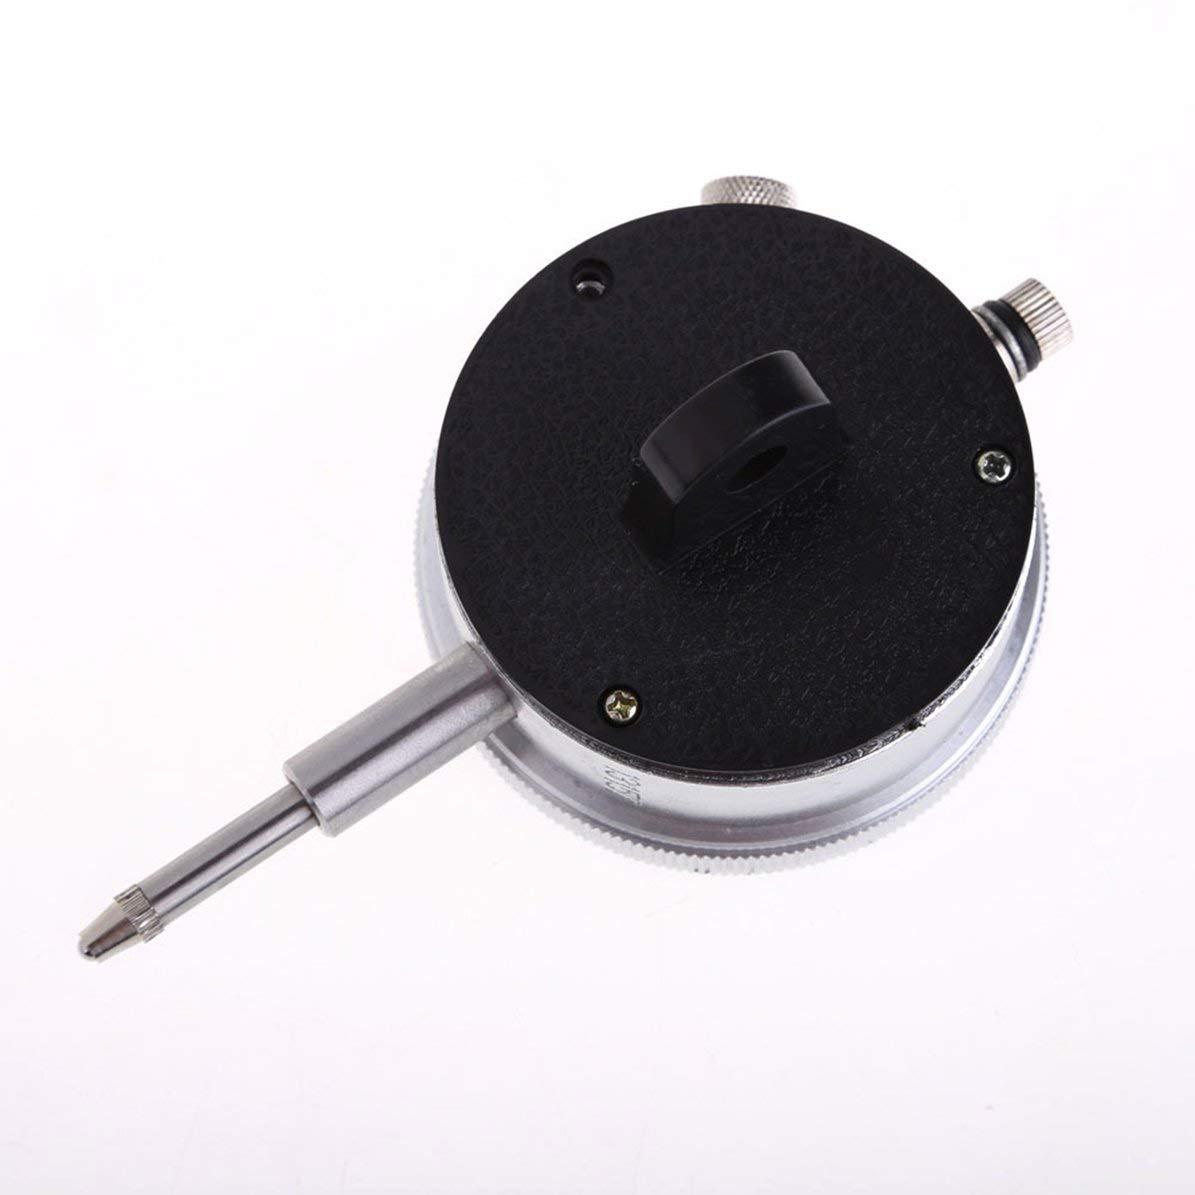 Pr/äzisions-0,01-mm-Messuhr 0-10-mm-Messger/ät Pr/äzises Messger/ät mit einer Aufl/ösung von 0,01 mm Mesure Instrument Tool